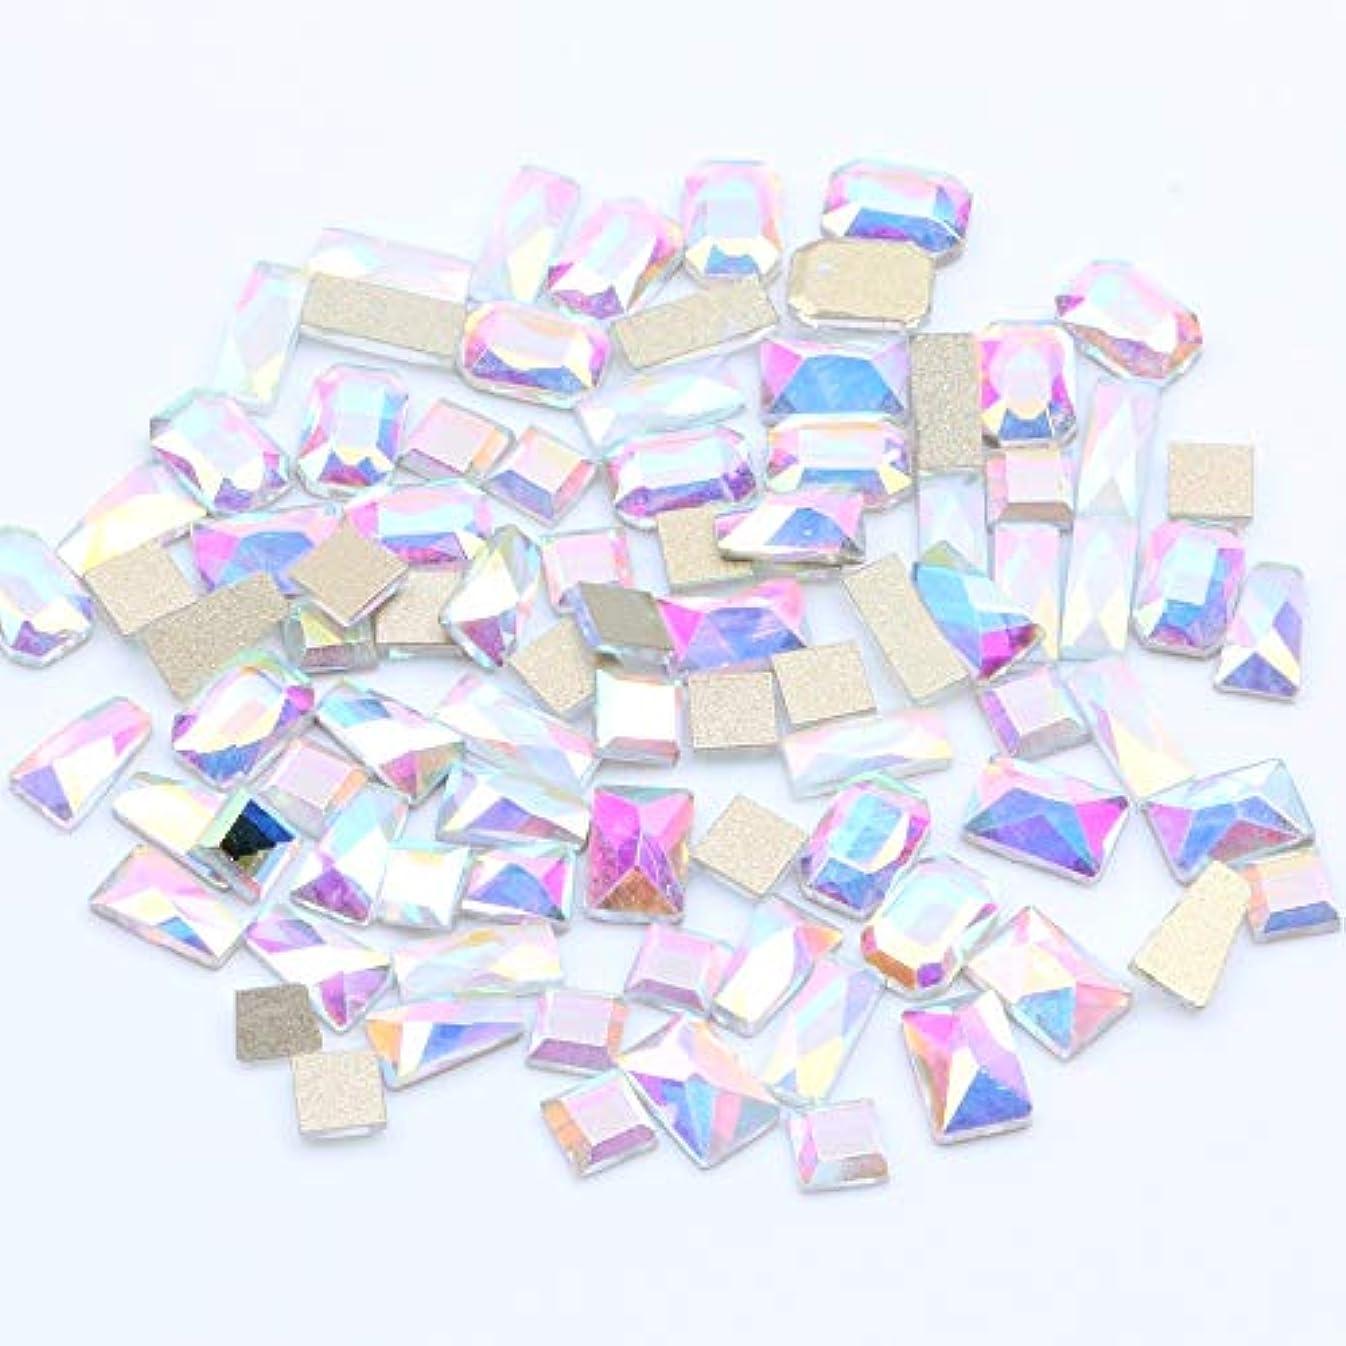 概要黙アドバイスNIZIマルチサイズオプション20ピースクリスタルabネイルガラスラインストーンクリスタル3dネイルアートストーンビーズデカール装飾用品ジュエリー(06クリスタルABミックス)